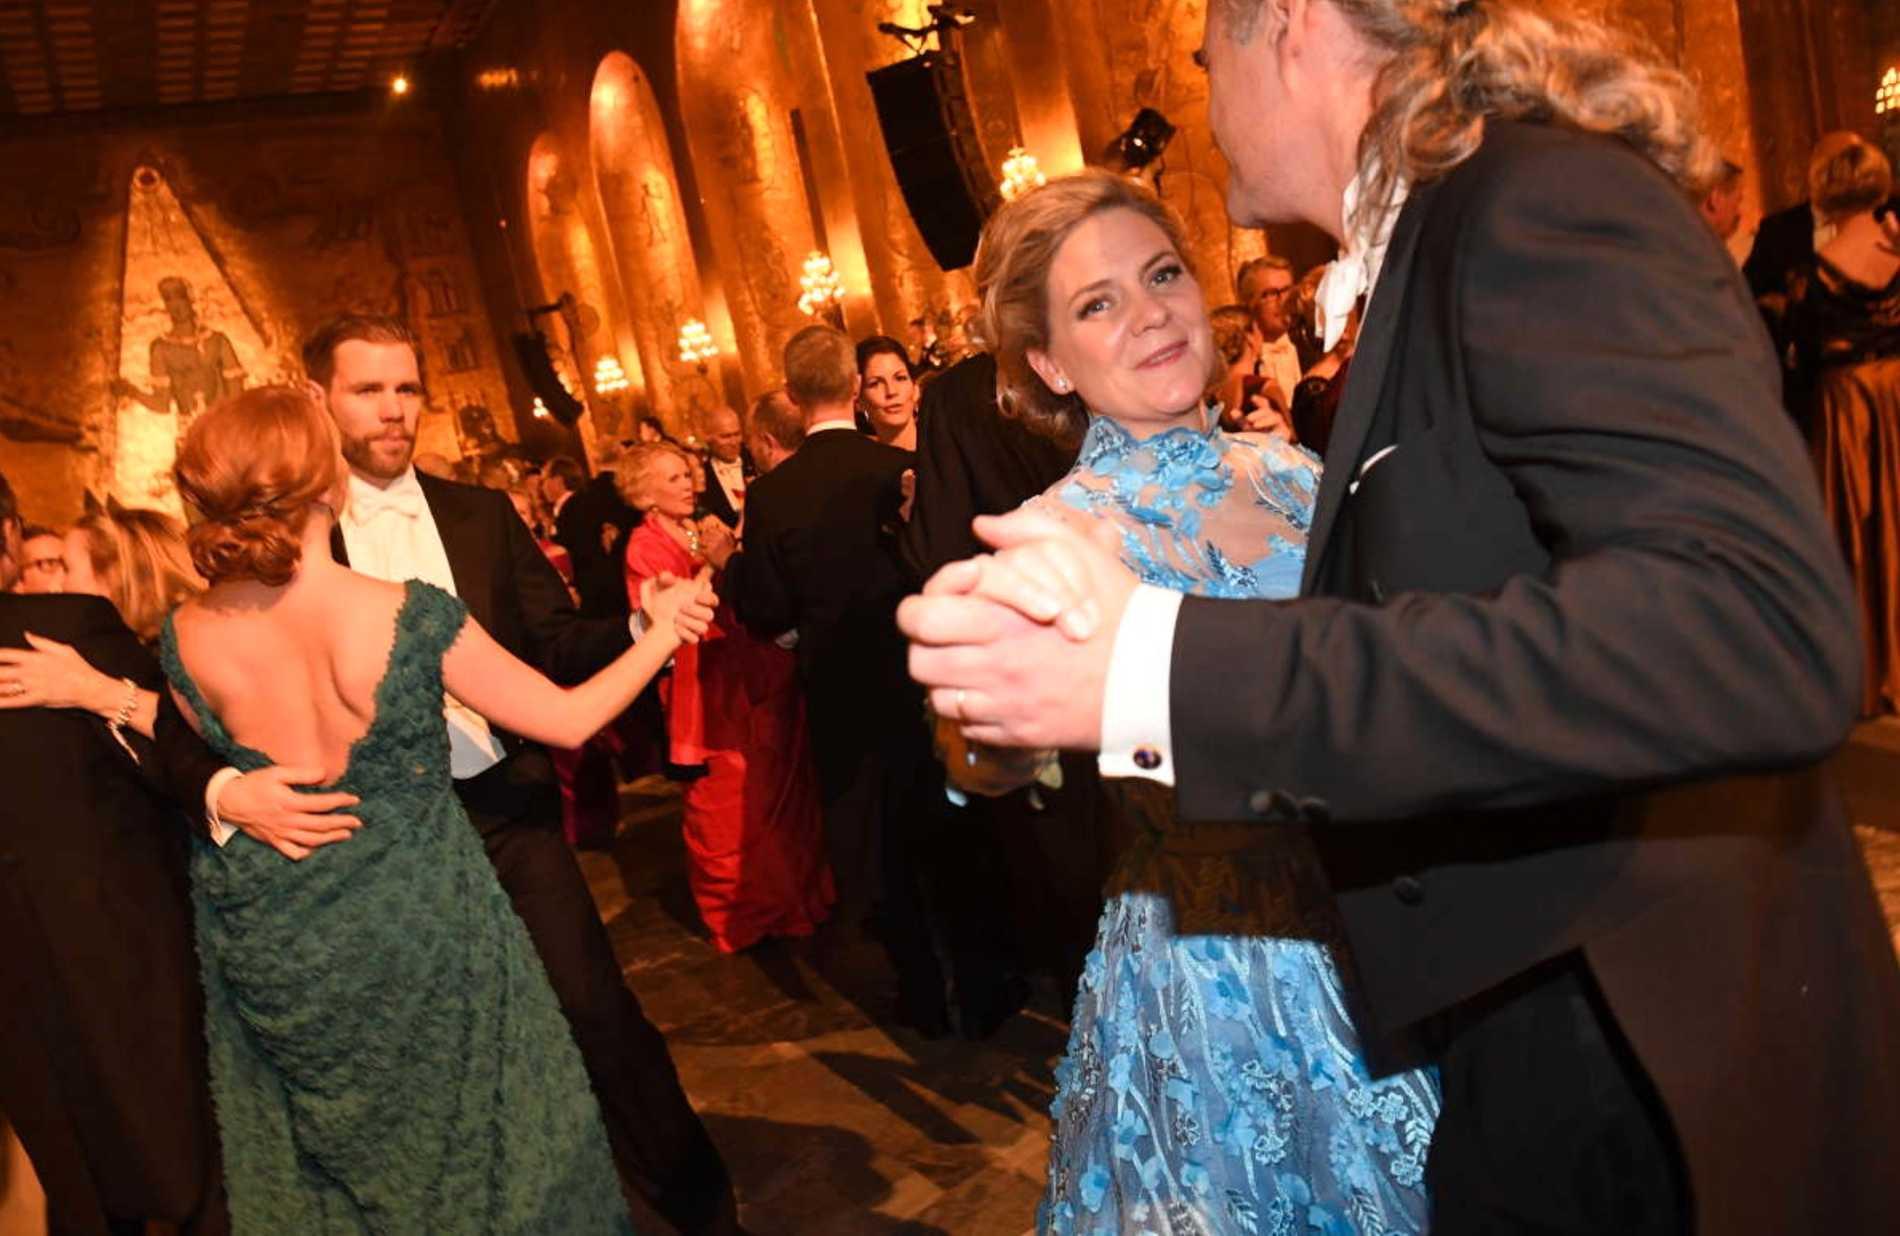 b32b355ad60a Nobelfesten: Så var banketten – och maten | Aftonbladet